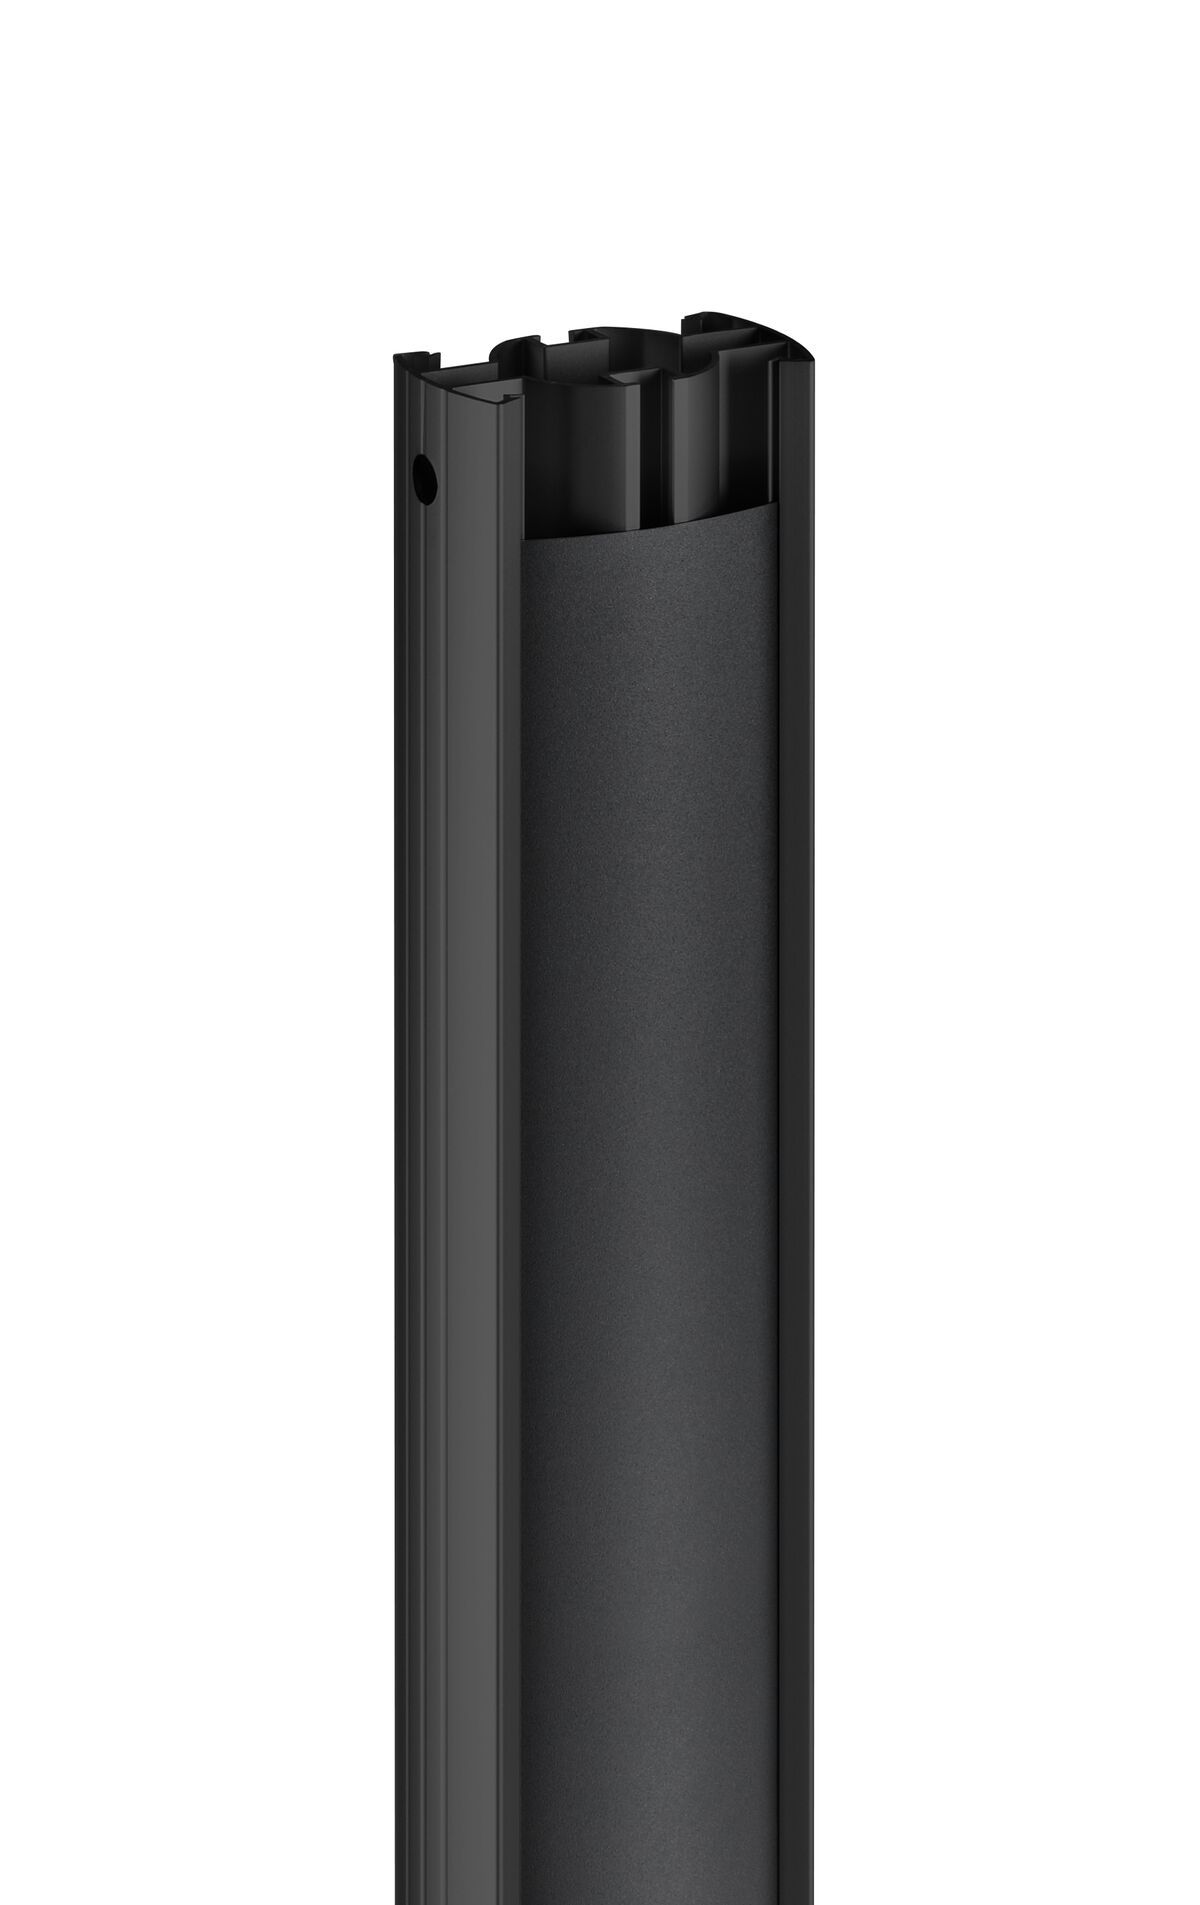 Vogel's PUC 2530 Profil 300 cm czarna - Product